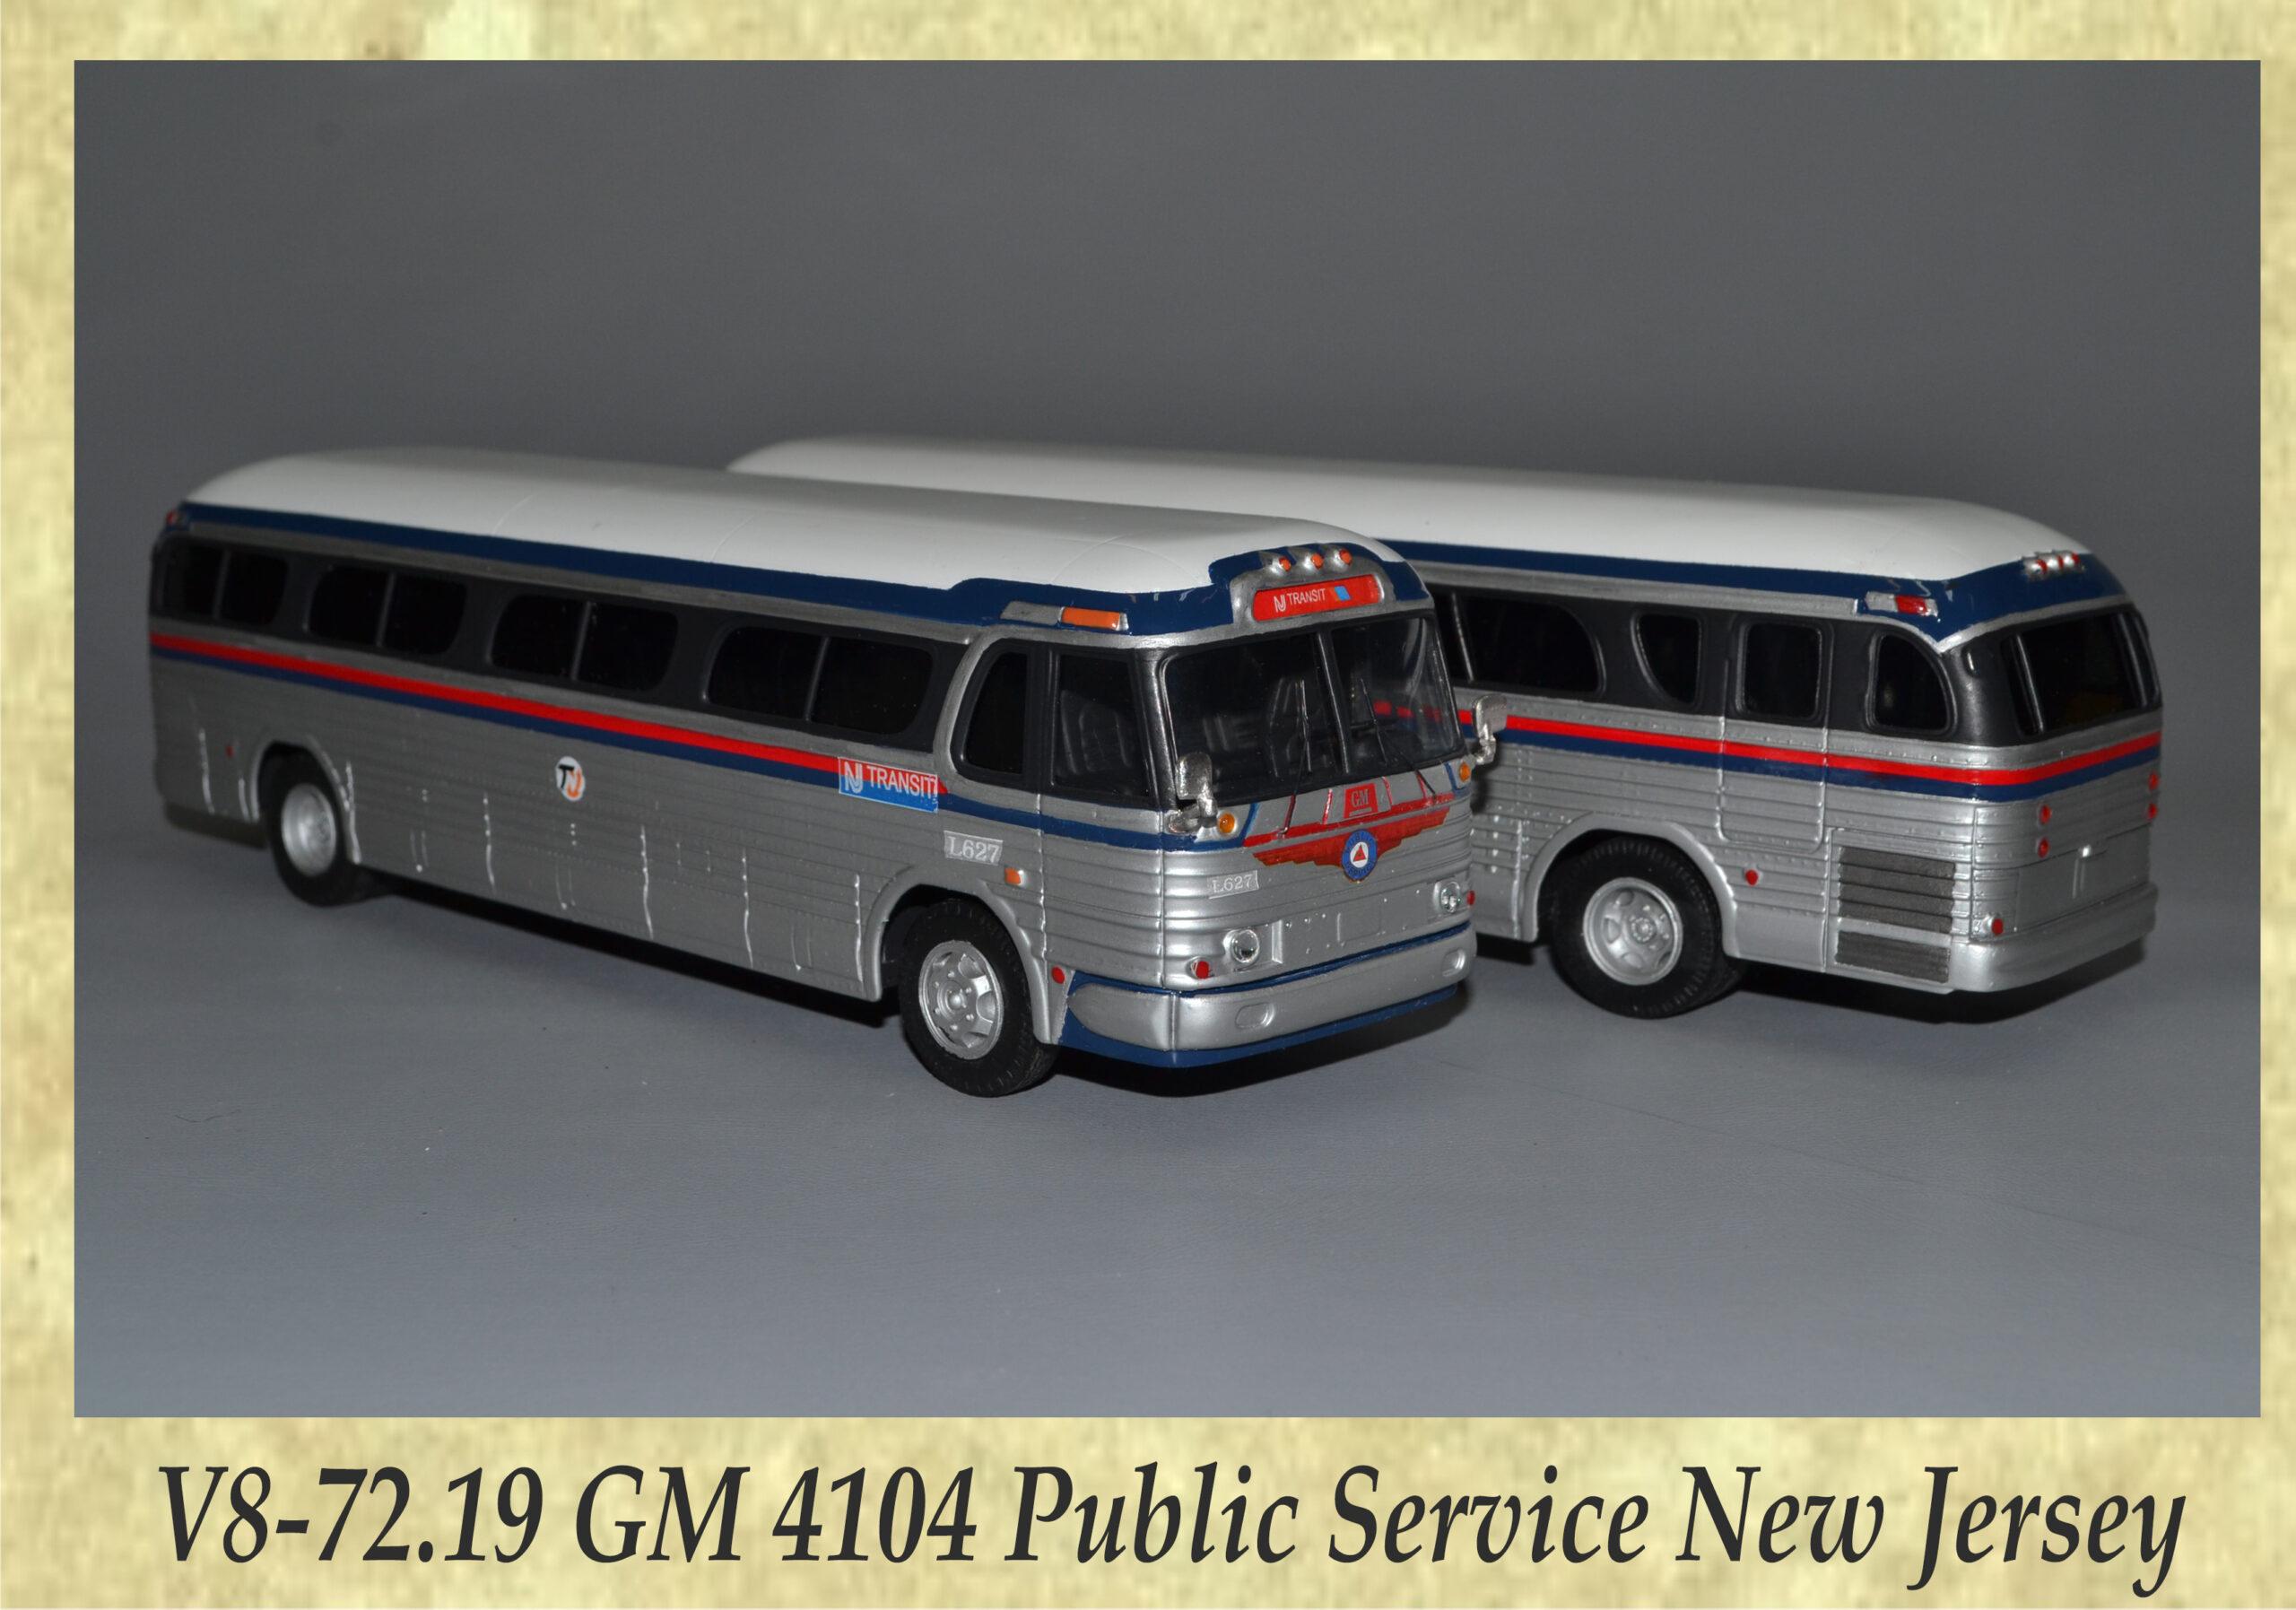 V8-72.19 GM 4104 Public Service New Jersey